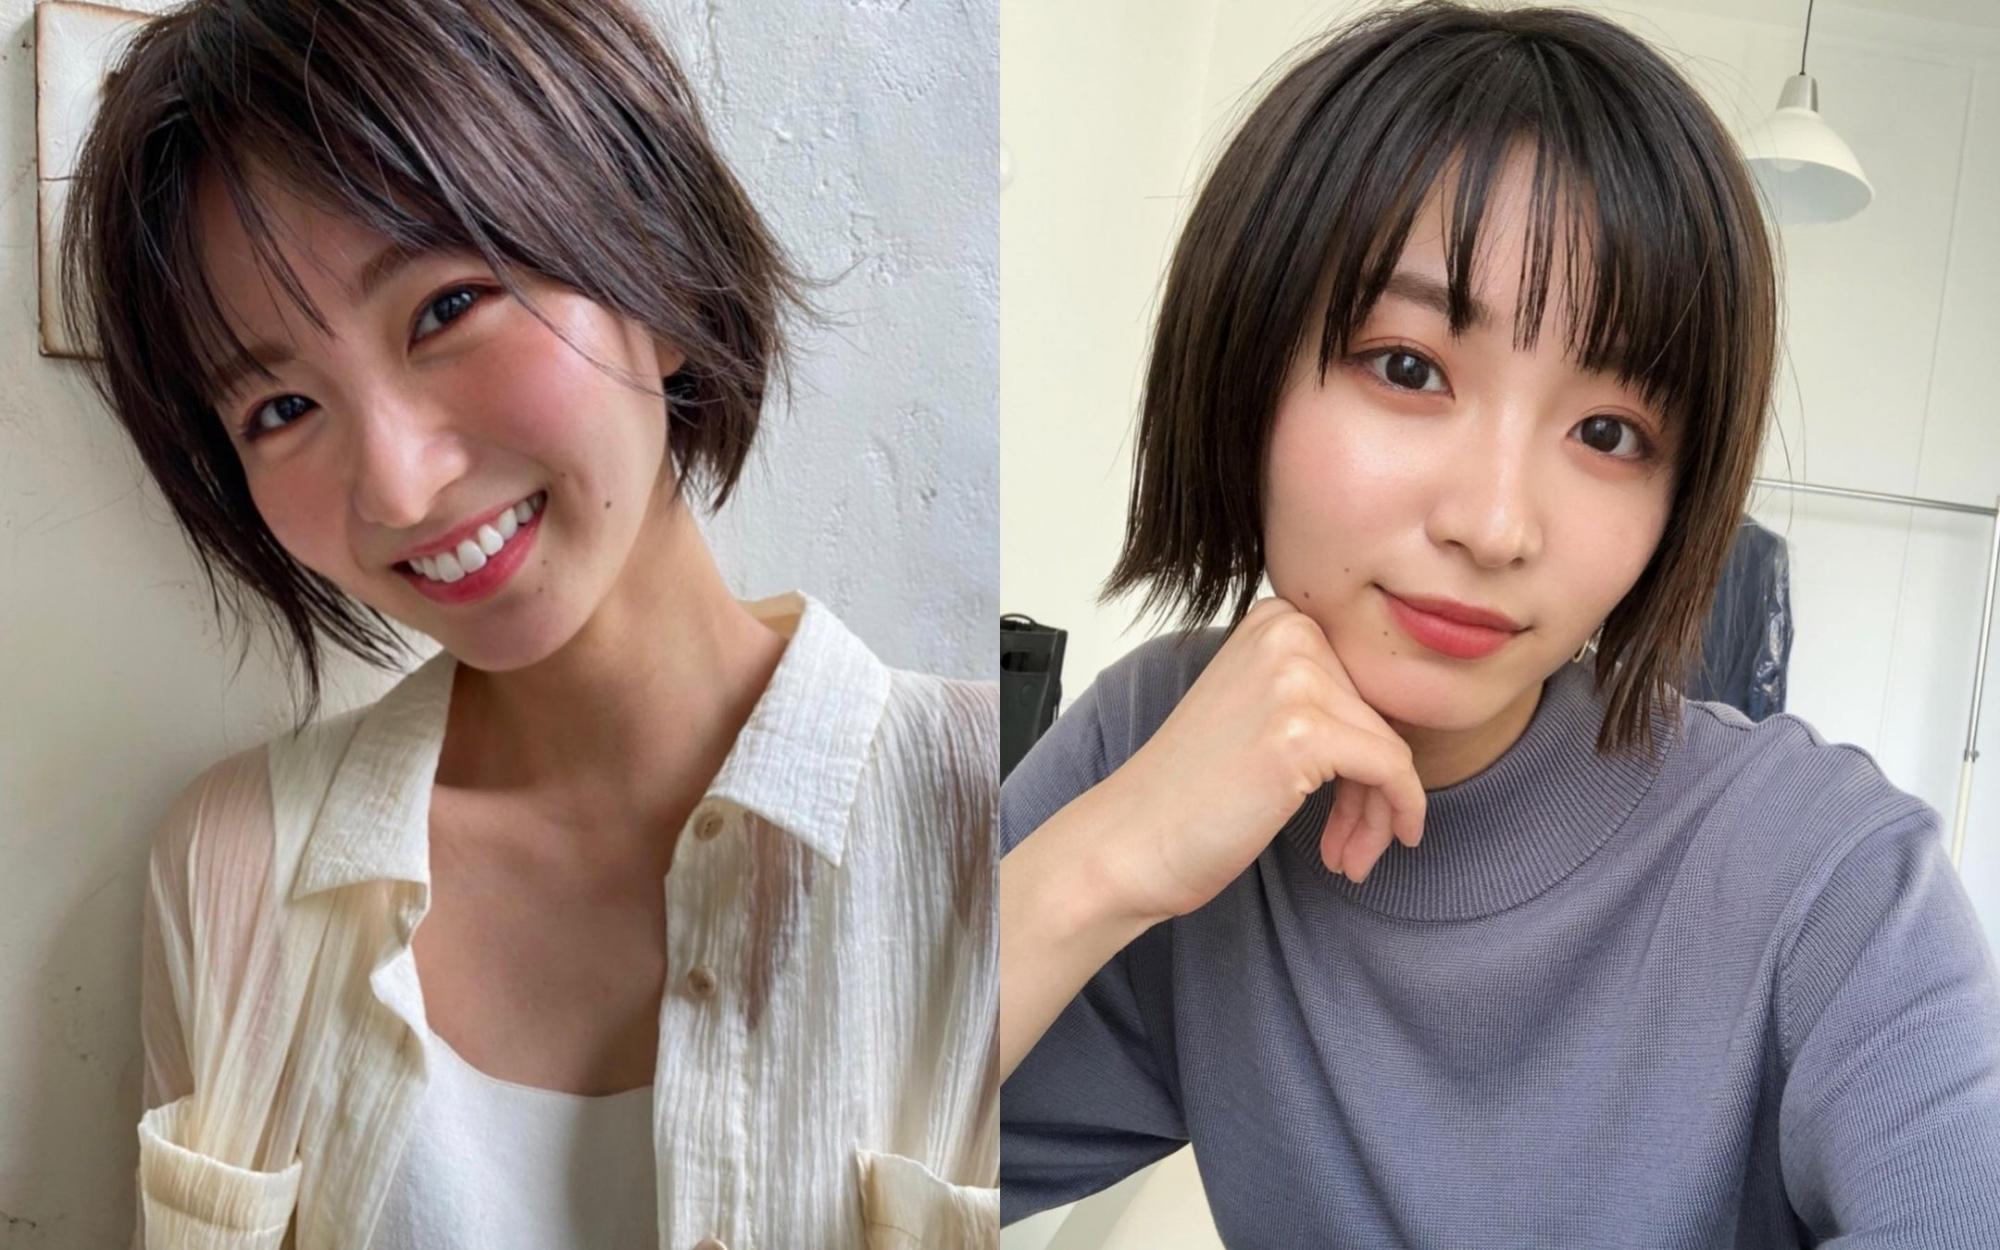 日系时尚杂志模特冈崎纱绘清甜笑容亲和力十足